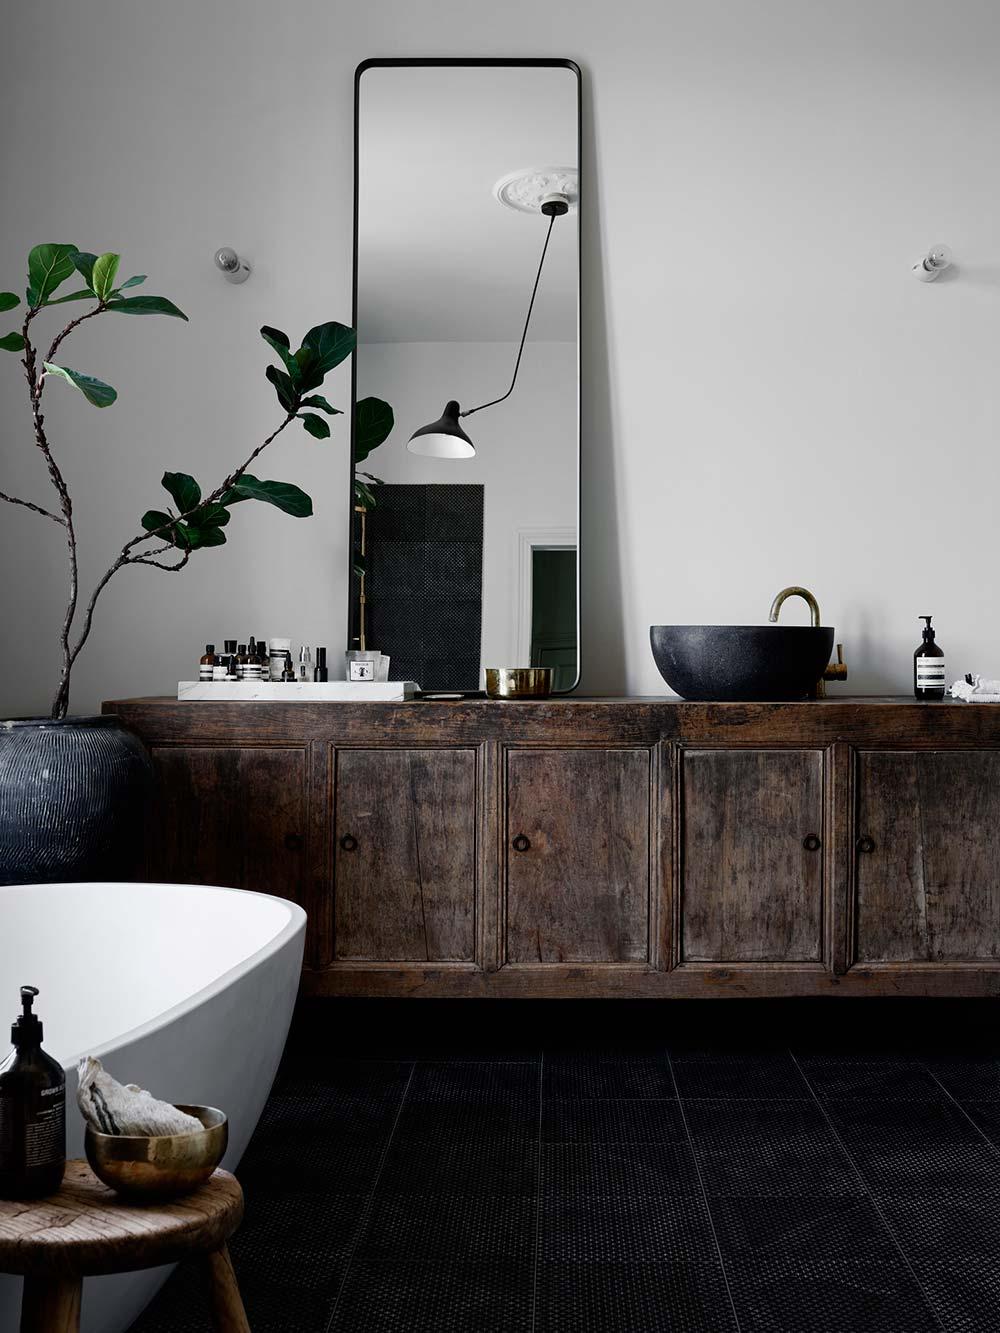 10 consejos para decorar al estilo new rustic tu hogar for Consejos para decorar tu hogar